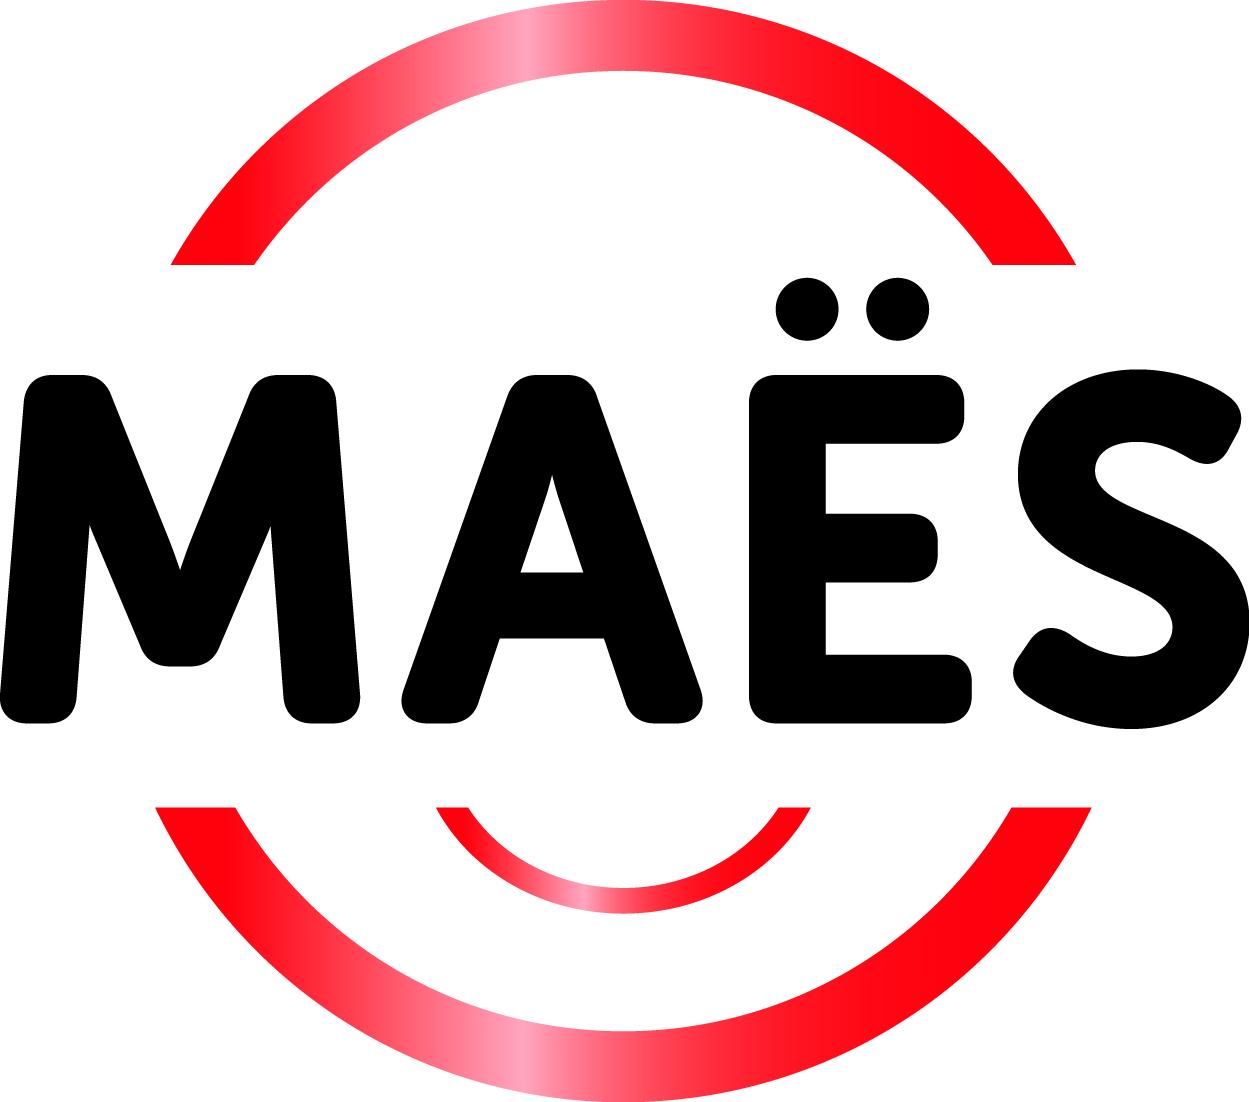 Jacque Maes